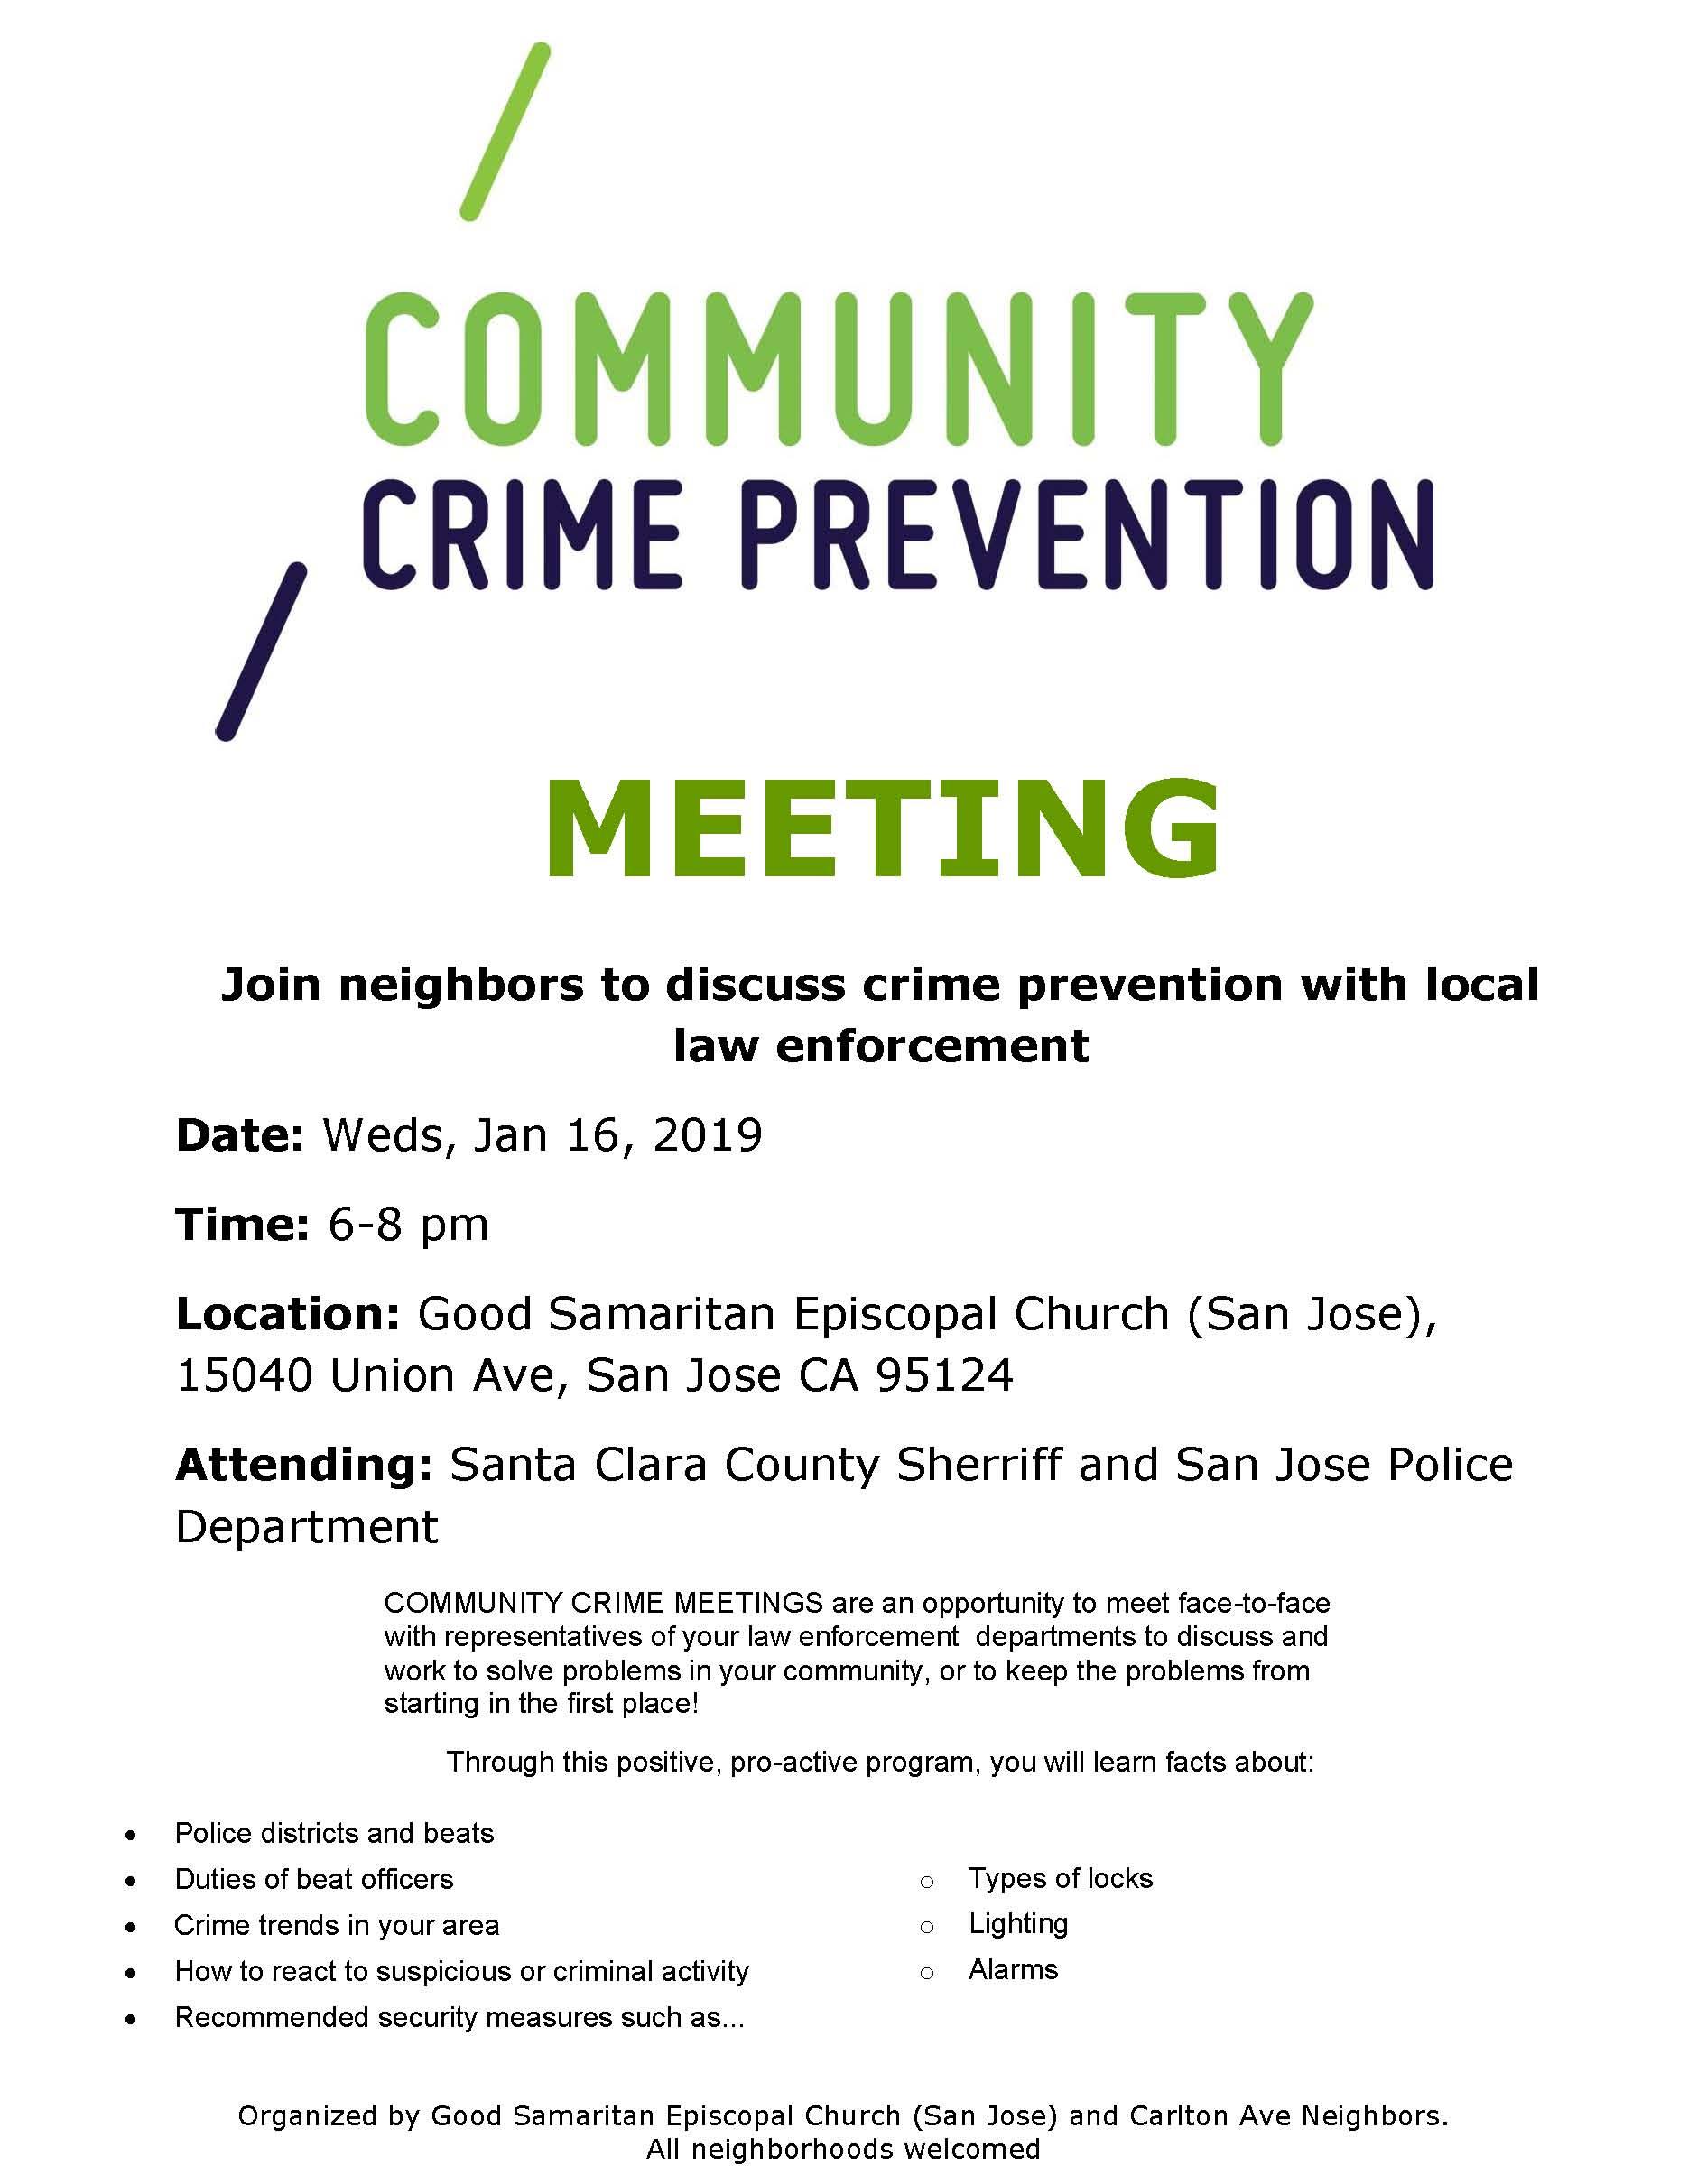 UPDATED COMMUNITY CRIME MEETINGS.jpg